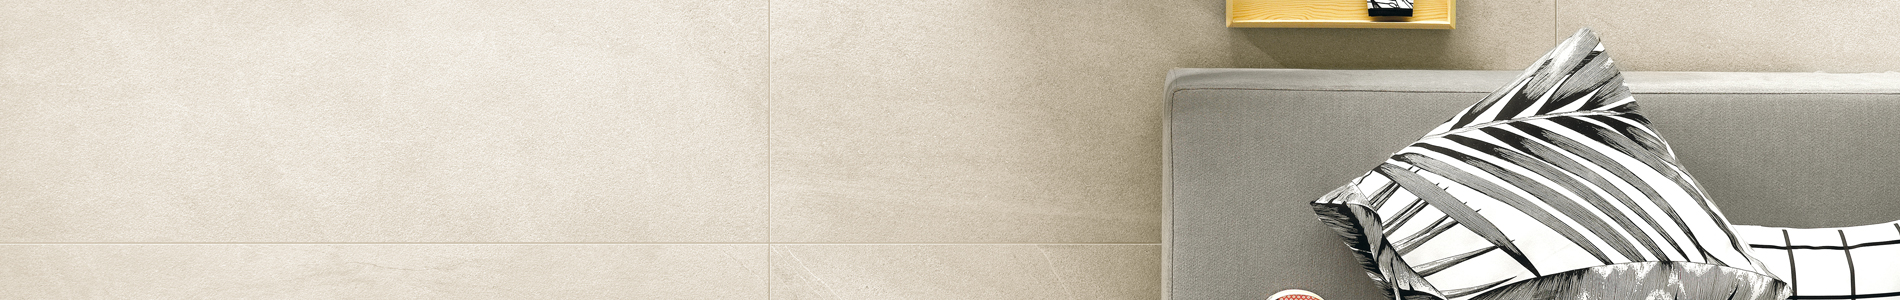 Fusionstone White Primaporcelain